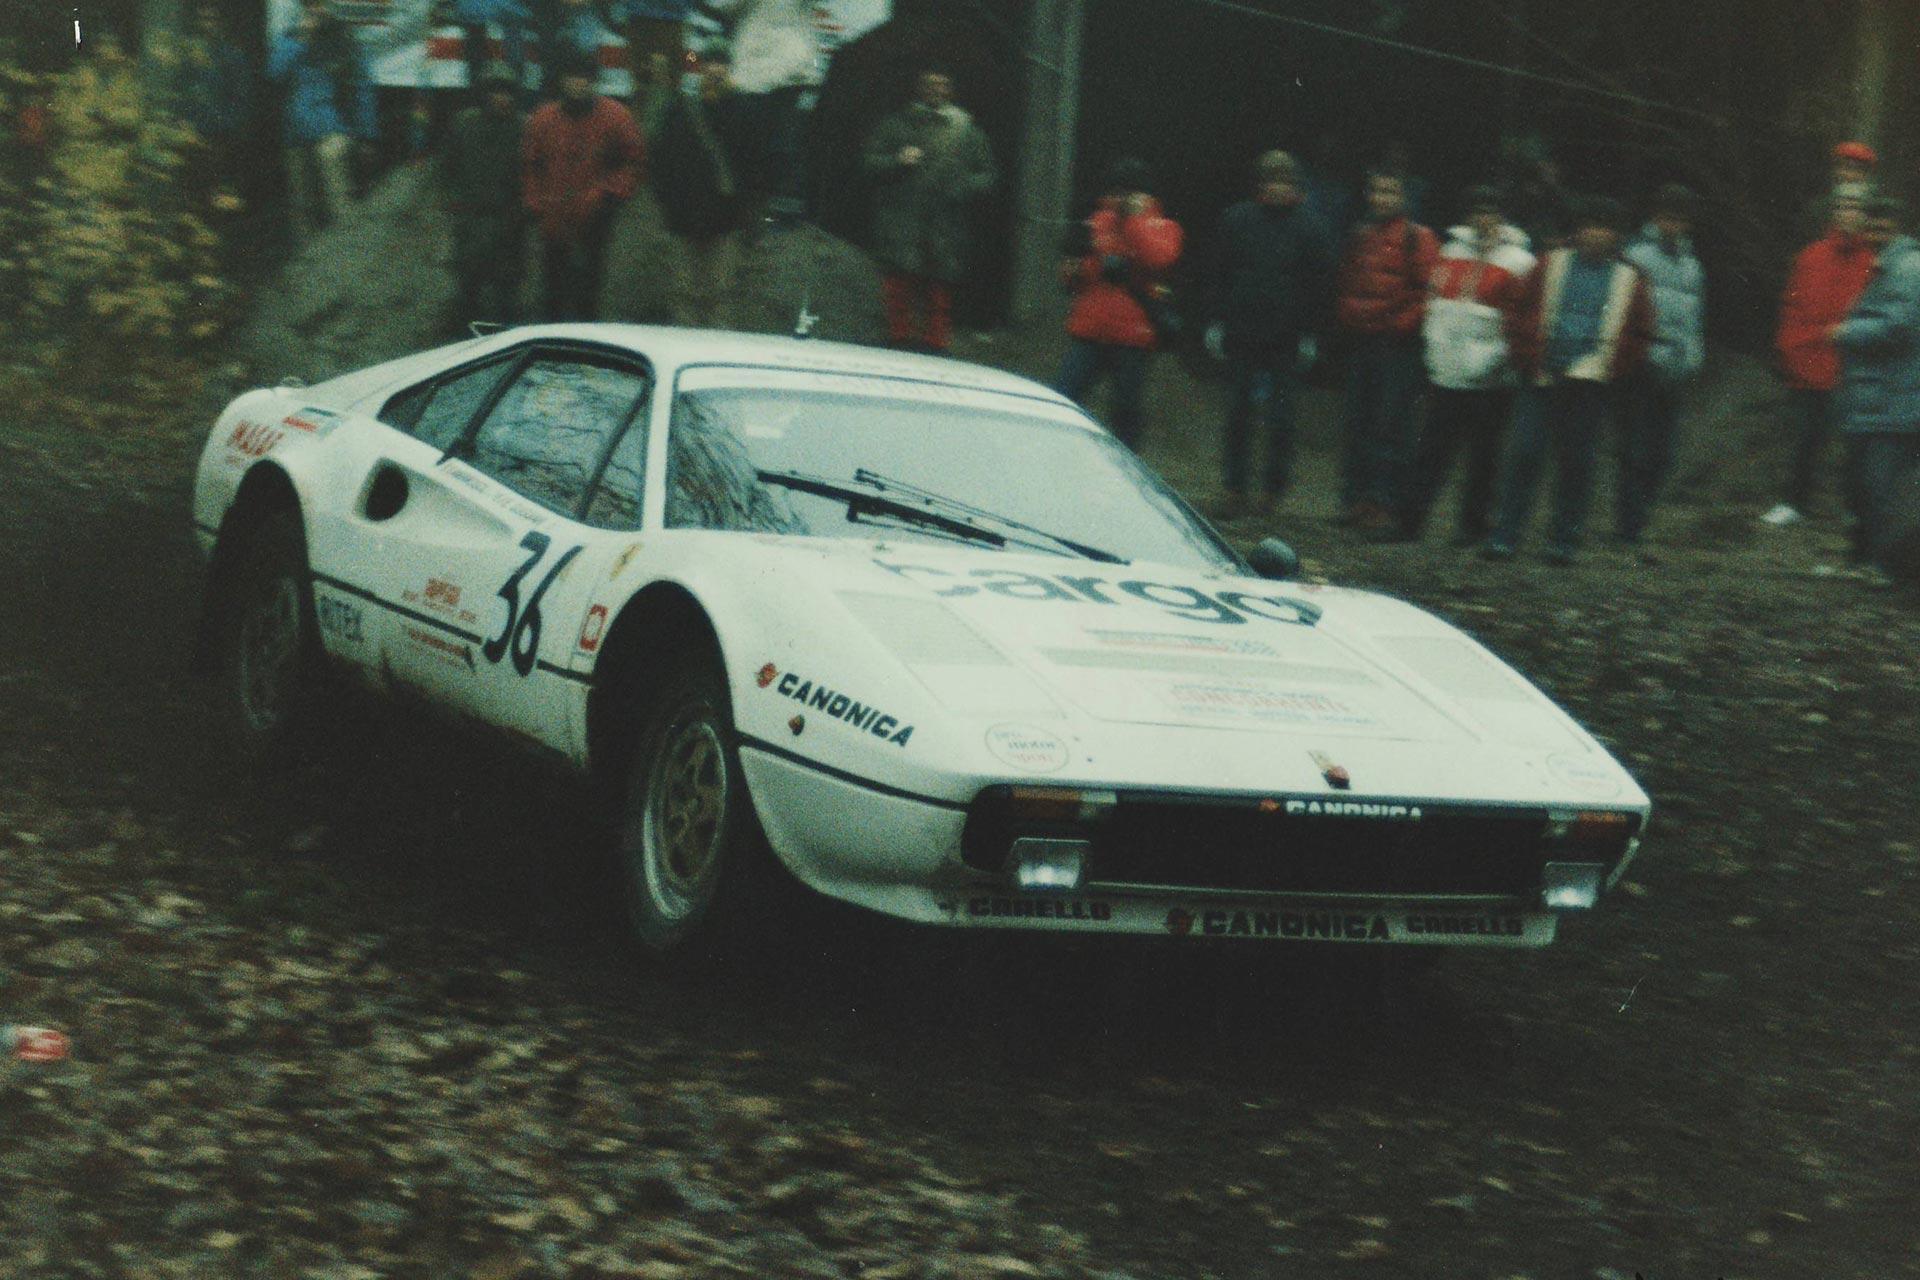 Ferrari-308-GTB-Michelotto-Group-B-for-sale-35